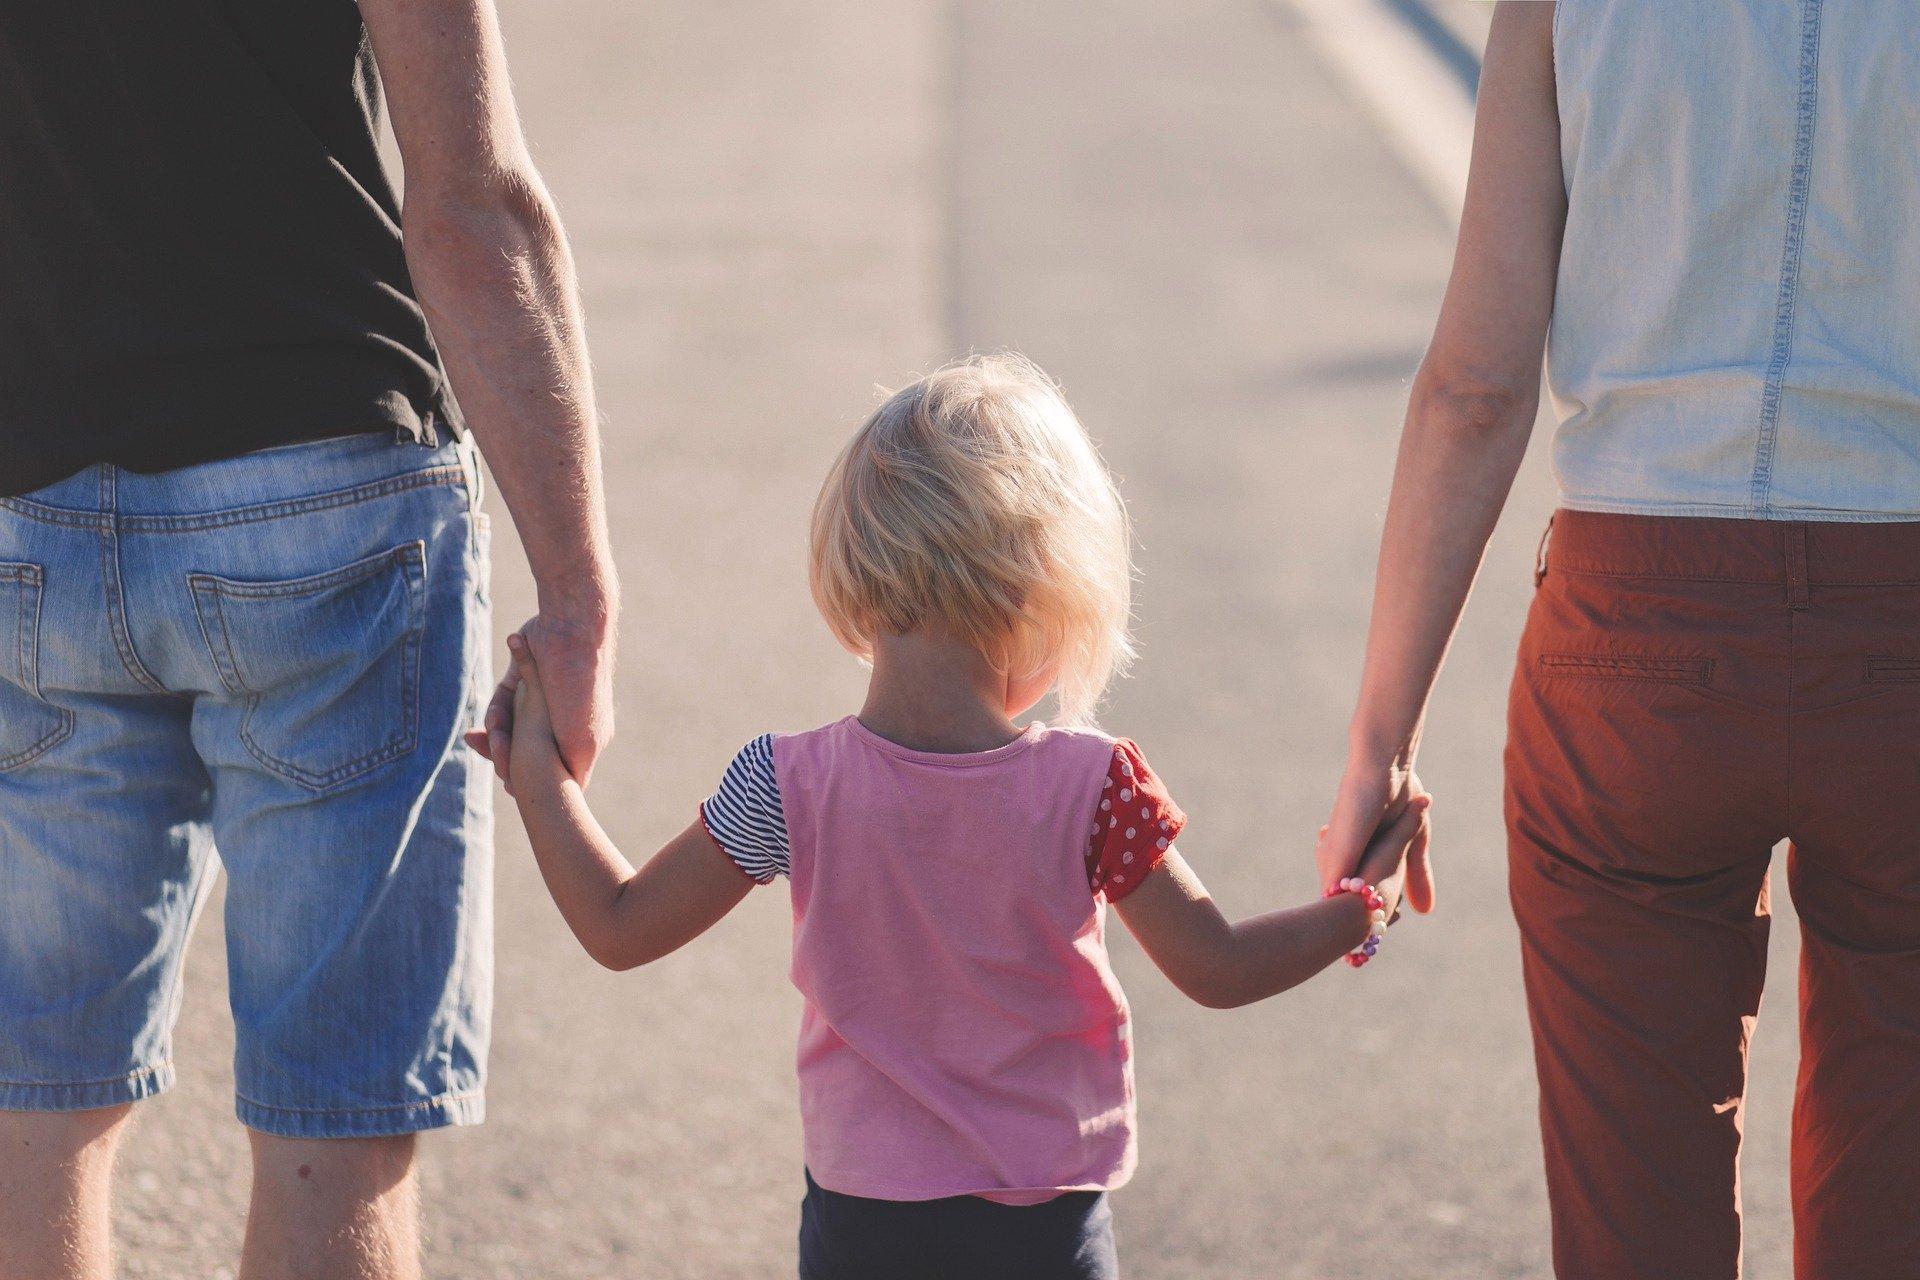 ein Kind, das von seinen Eltern an den Händen gehalten wird.